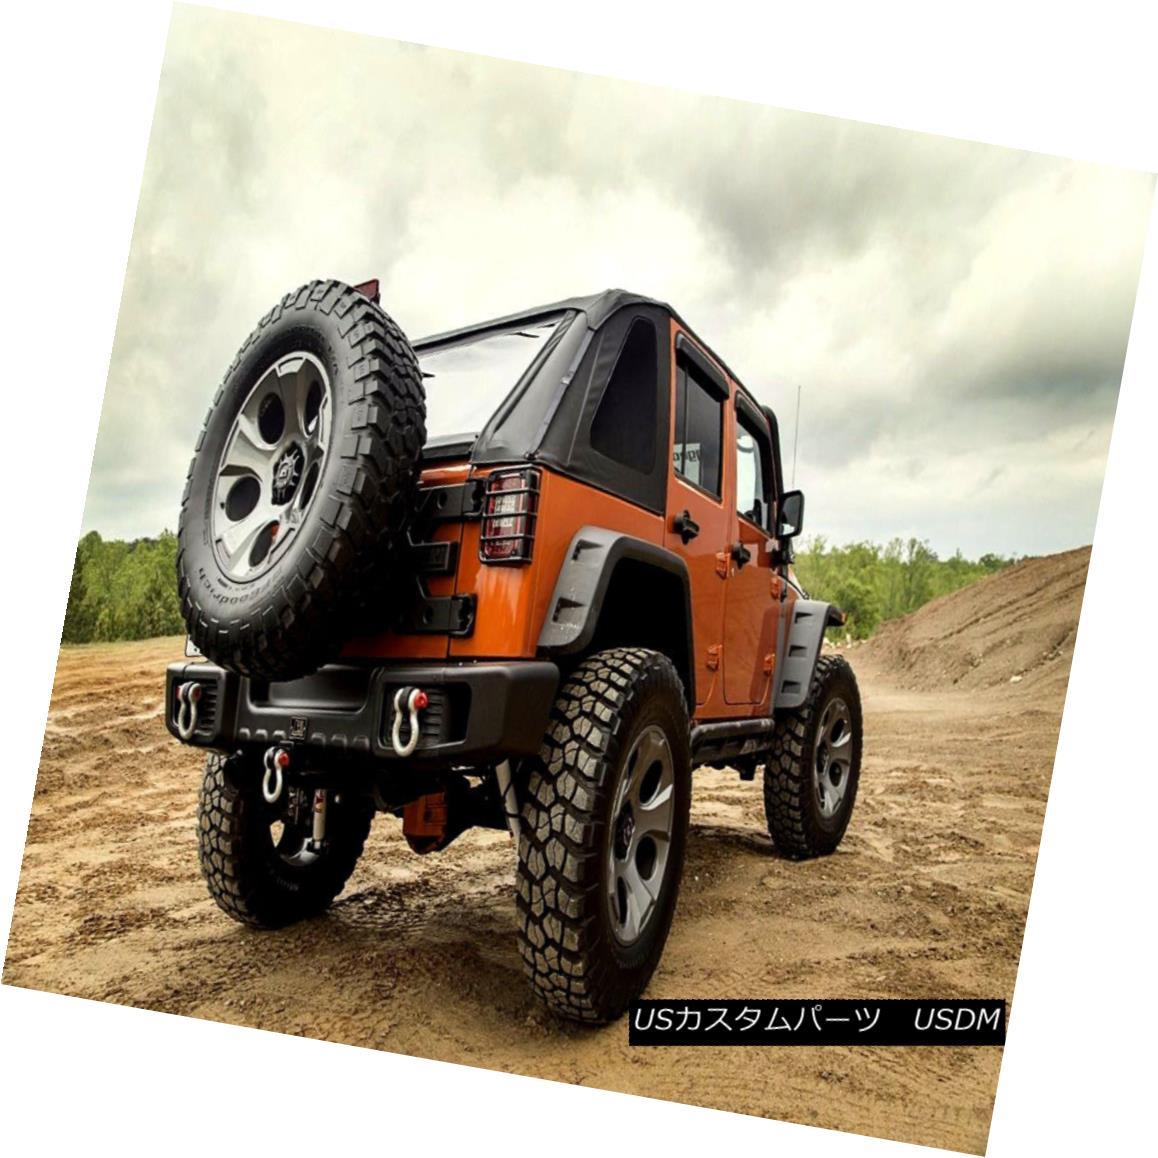 幌・ソフトトップ Bowless Soft Top Black Diamond Jeep Wrangler JK Unlimited 2007-17 4Door 13750.38 BowlessソフトトップブラックダイヤモンドジープラングラーJK Unlimited 2007-17 4Door 13750.38